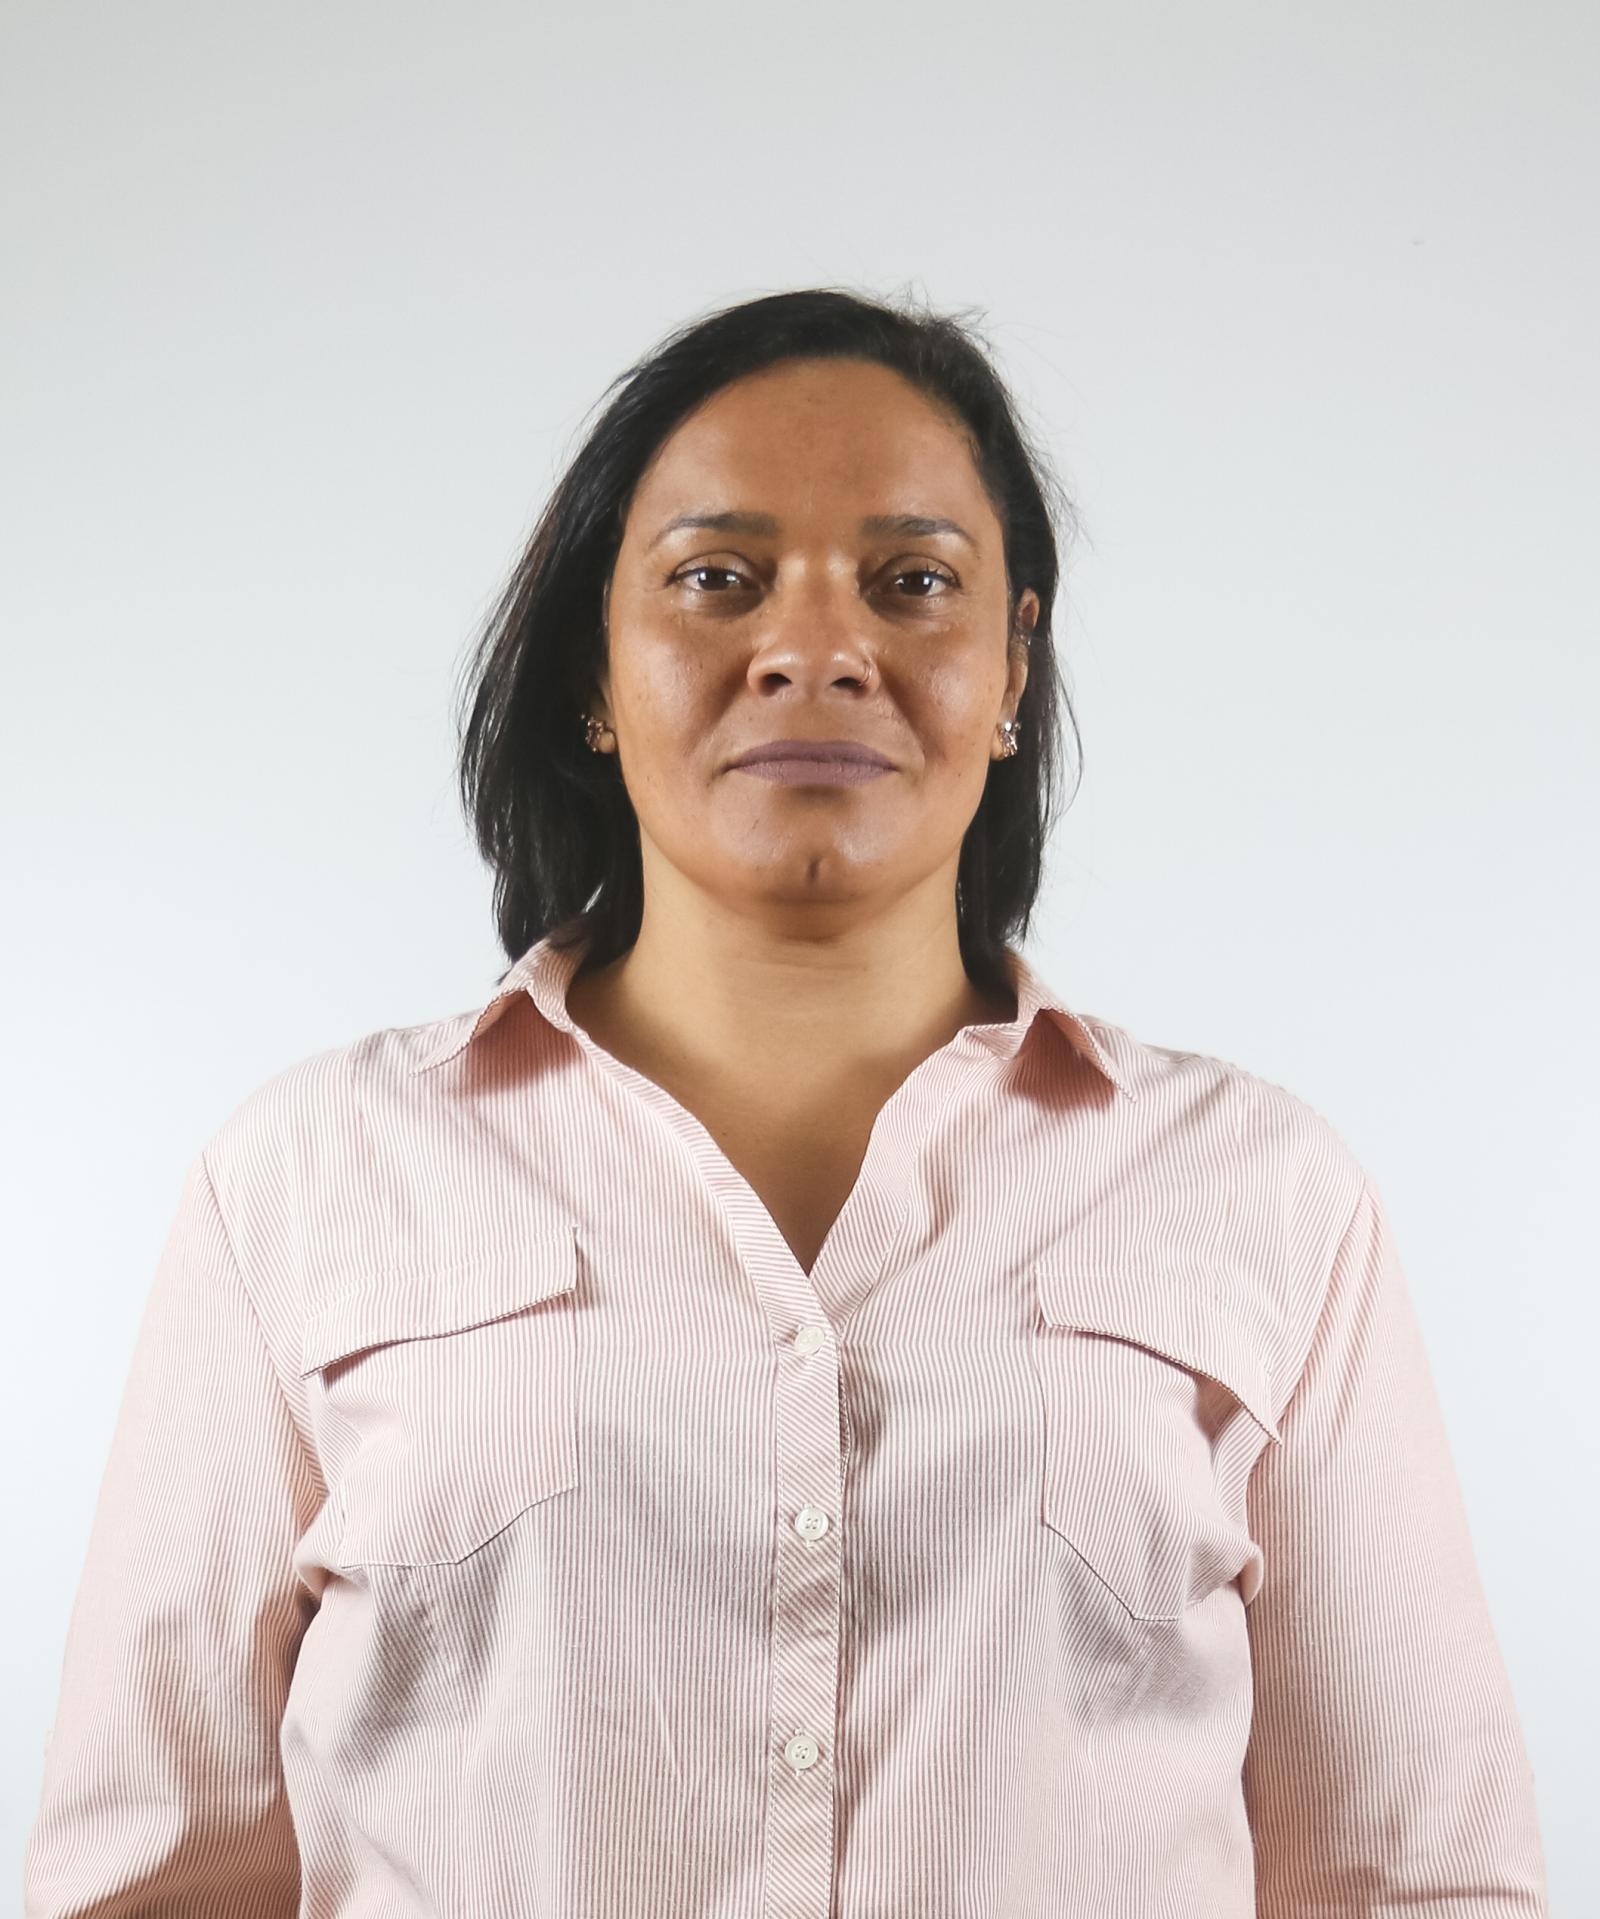 Diretoria Gestão 2019 - 2022